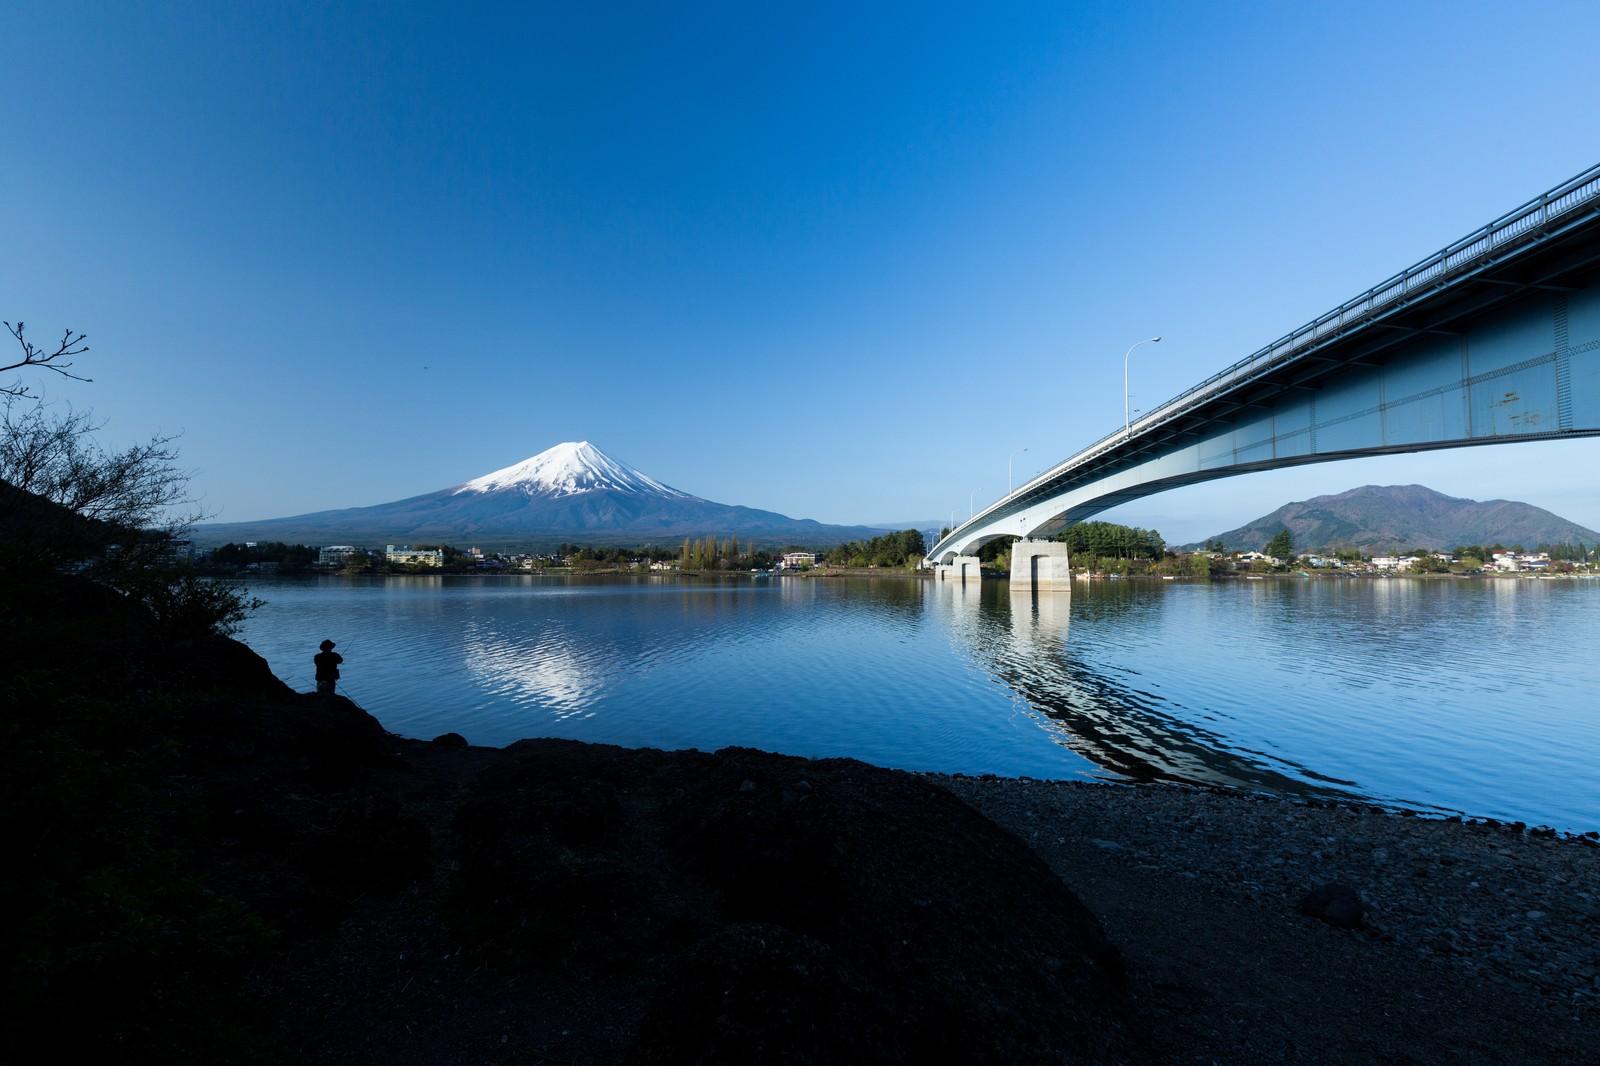 富士吉田の観光スポットまとめ!おすすめの定番から穴場まで一挙紹介!